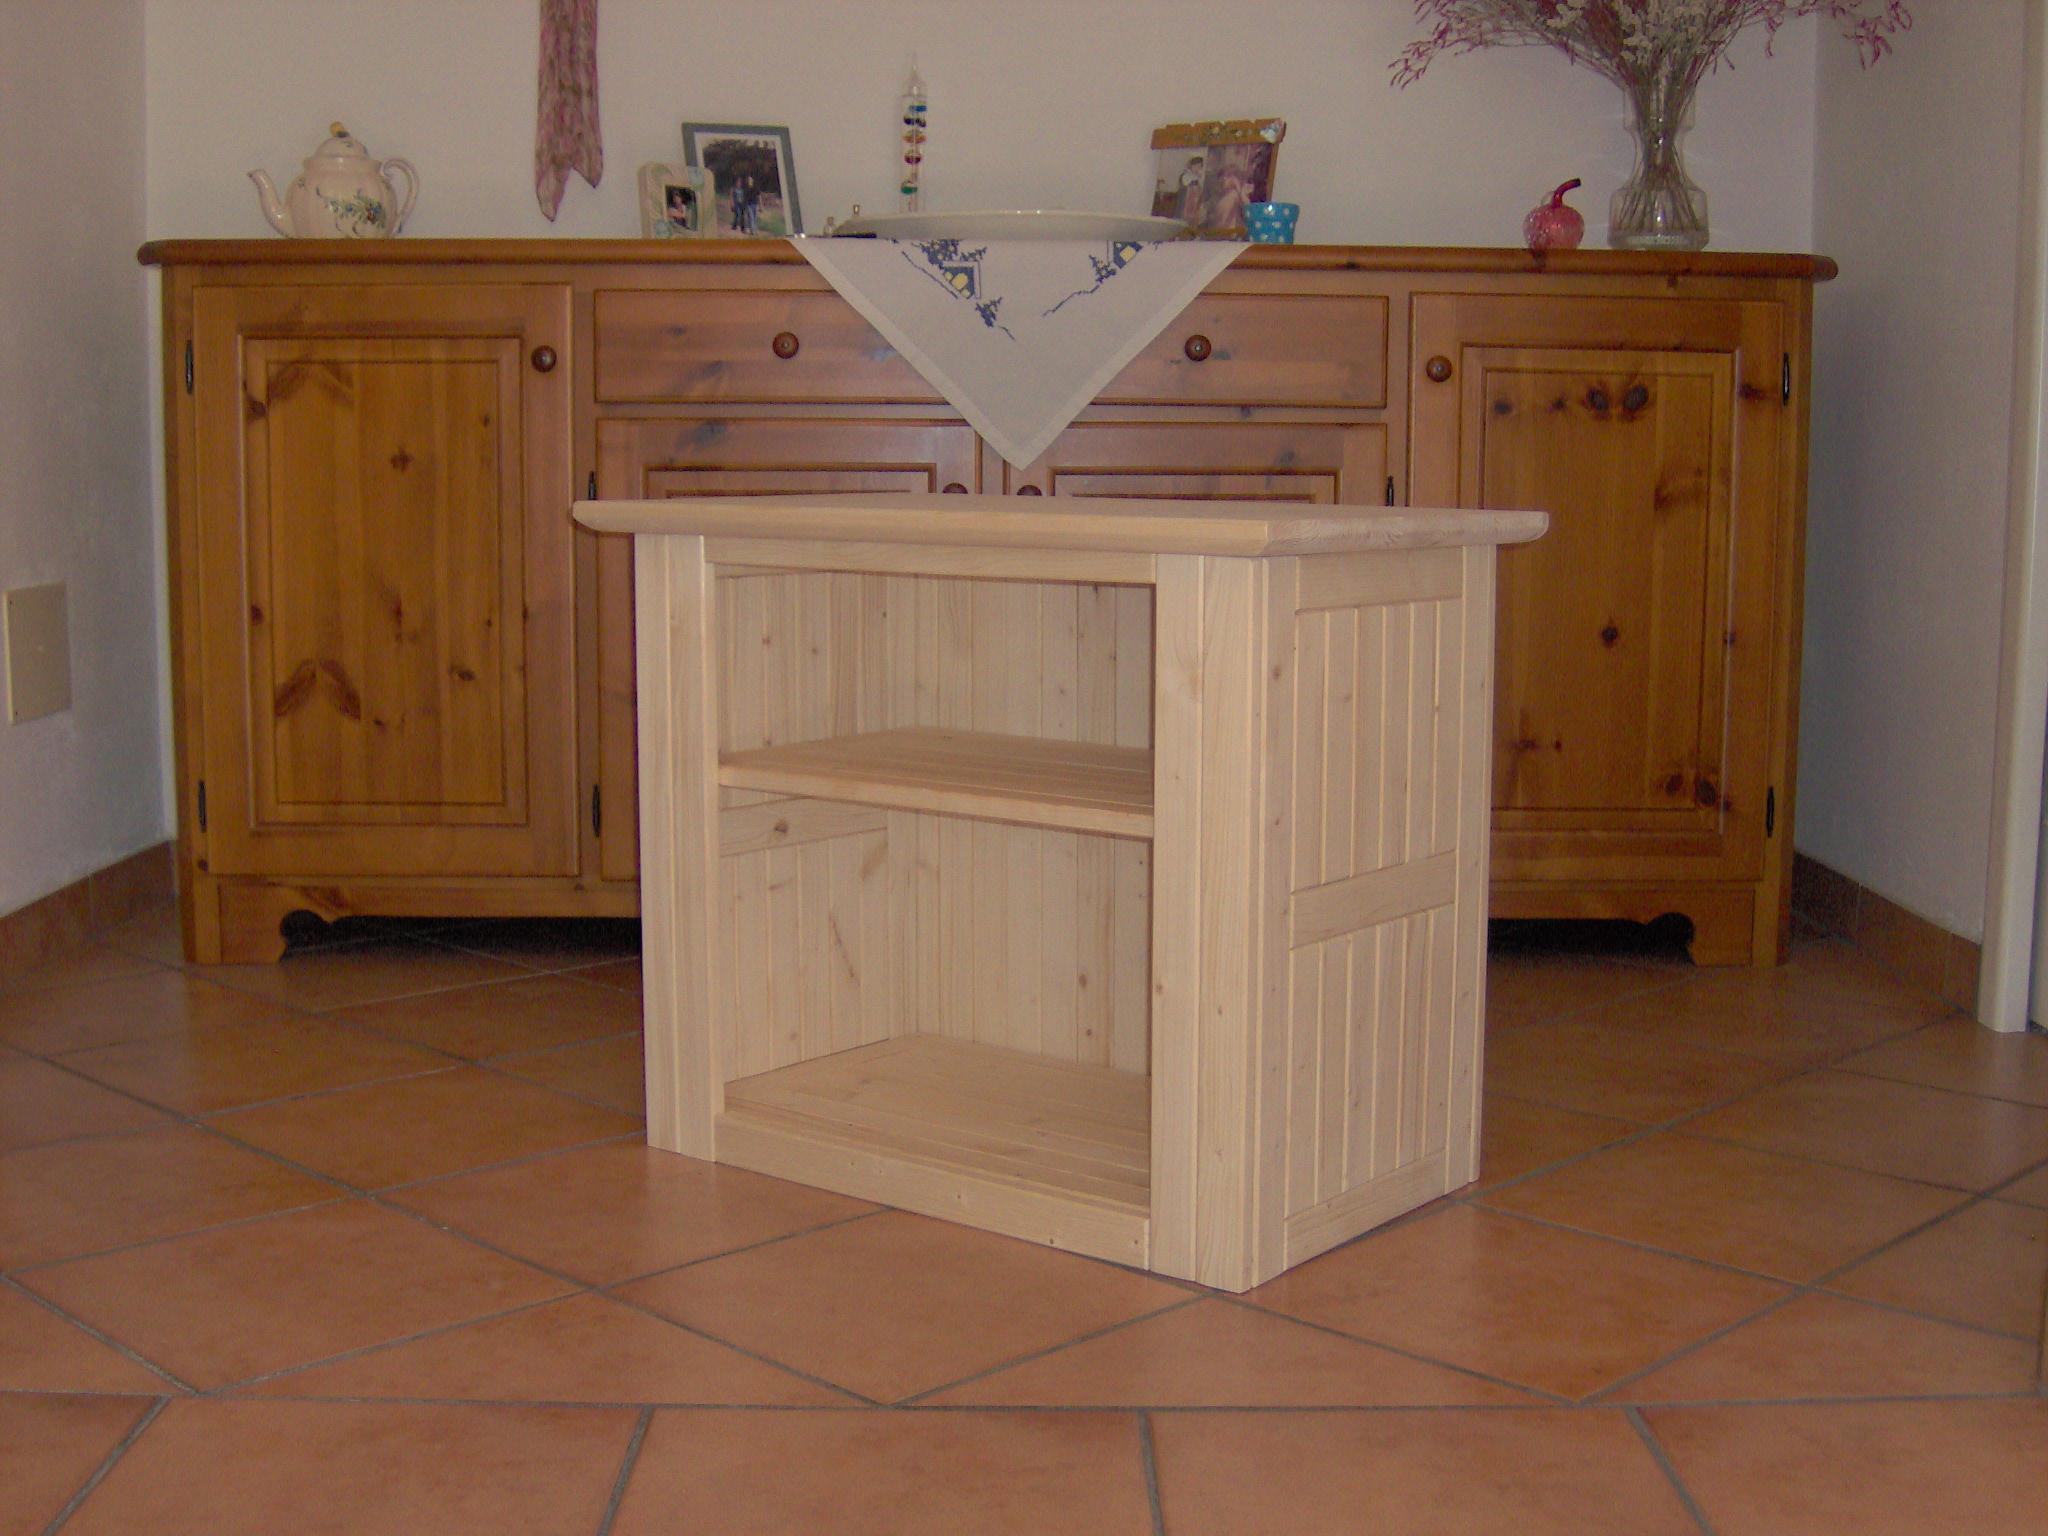 Carrello porta tv oggetti in legno fai da te with oggetti - Costruire mobili in legno fai da te ...